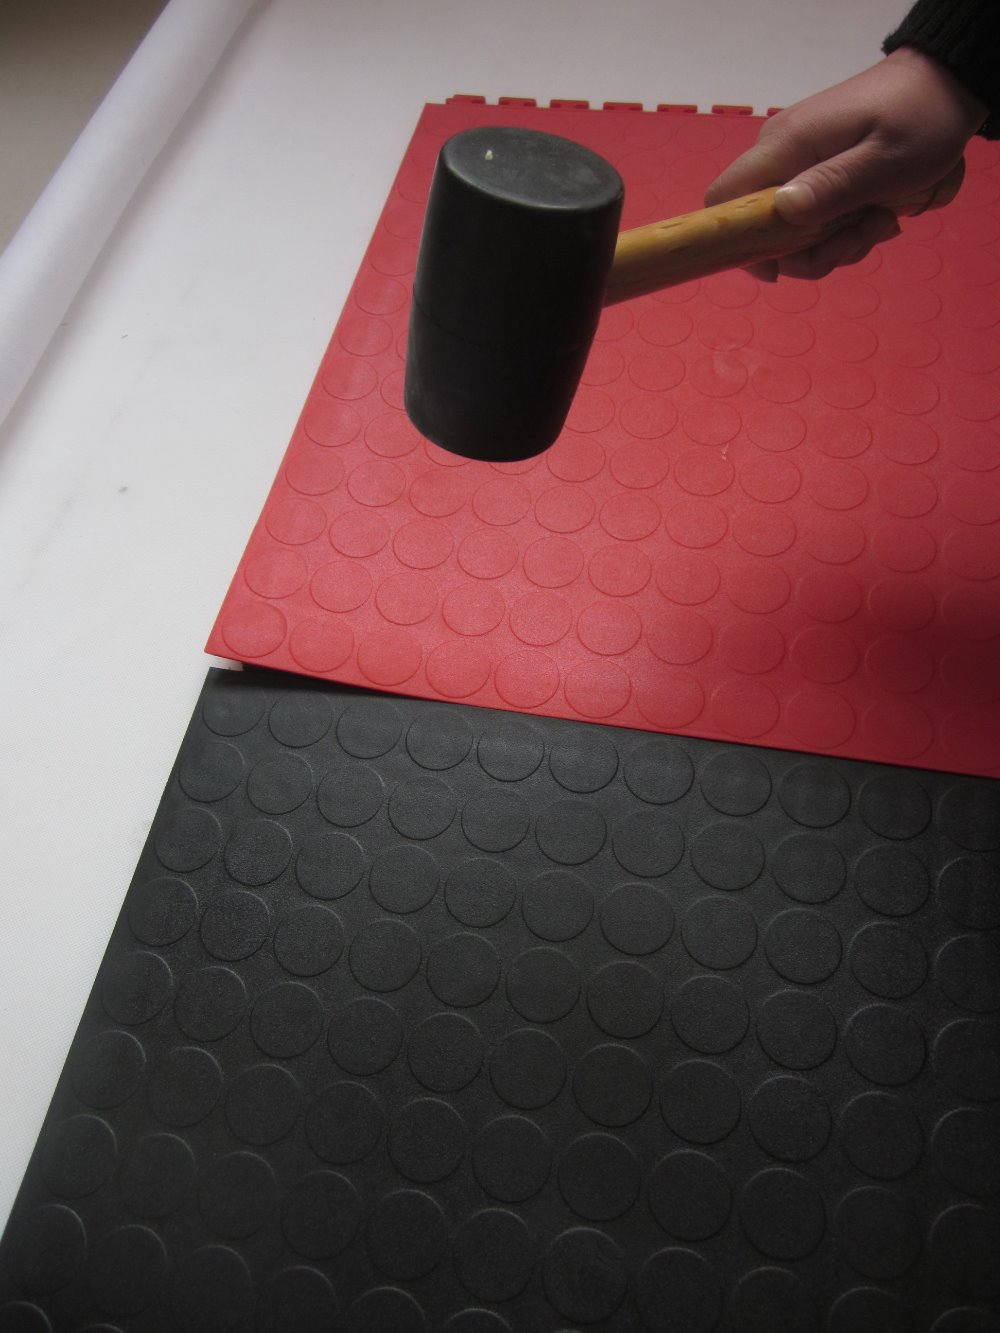 Custom Garage Epoxy Floor Designs: Buy Floor Mat,Garage Floor Mat